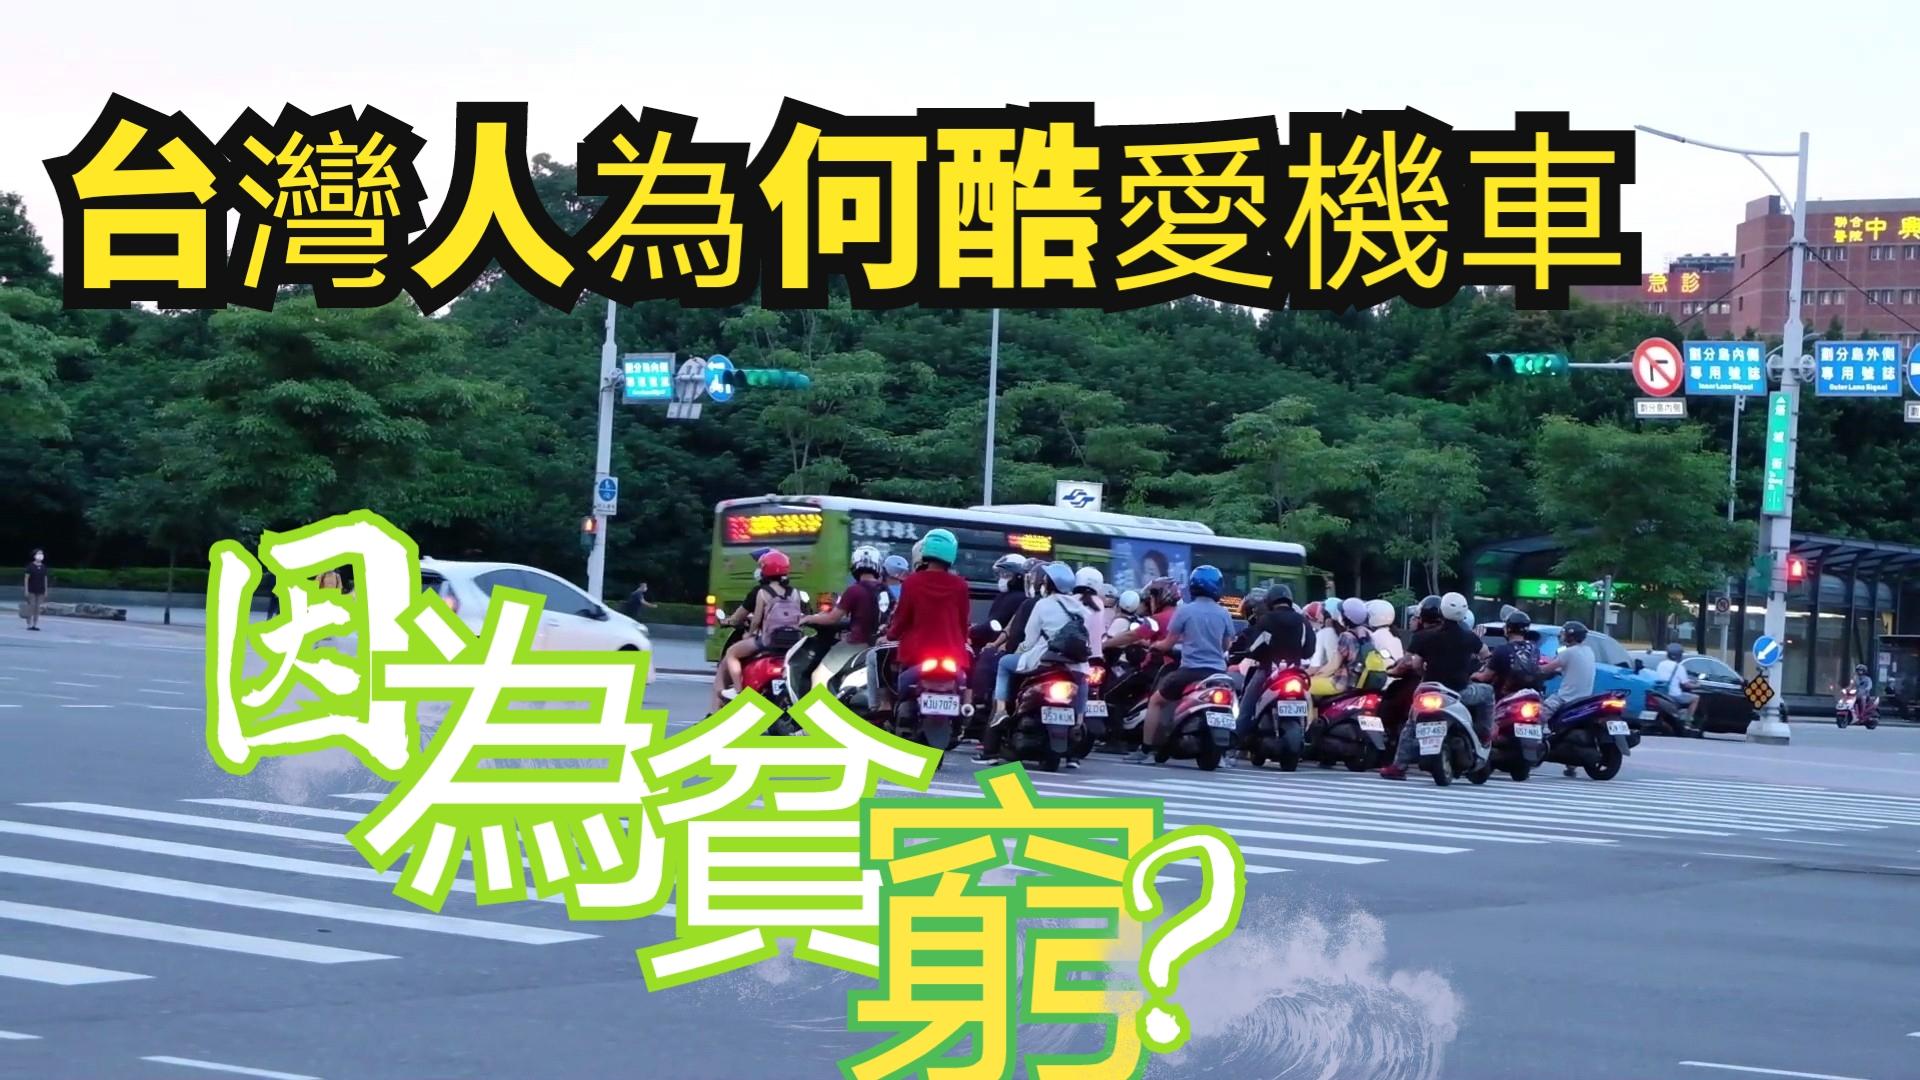 台湾人为何酷爱机车? 因为穷?